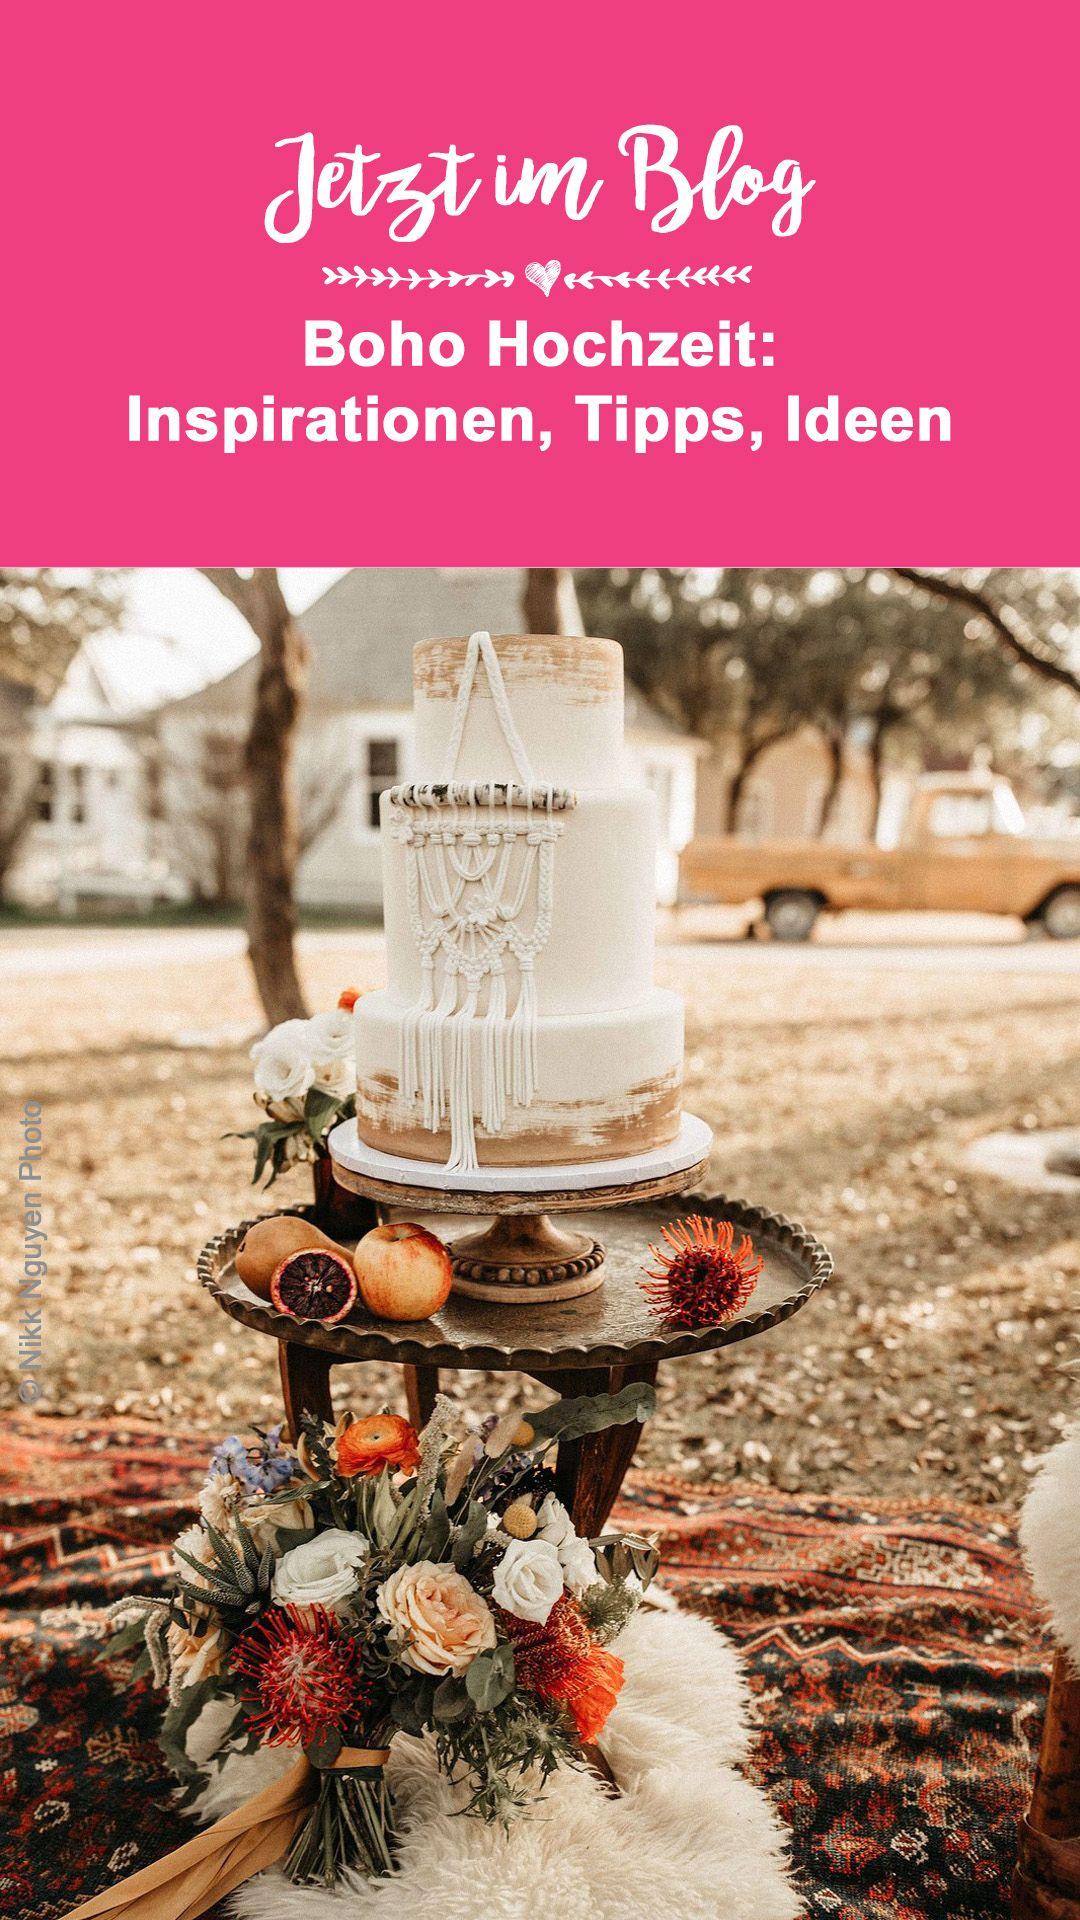 Boho Hochzeit: Die 10 besten Ideen, Tipps & Inspirationen | Boho ...